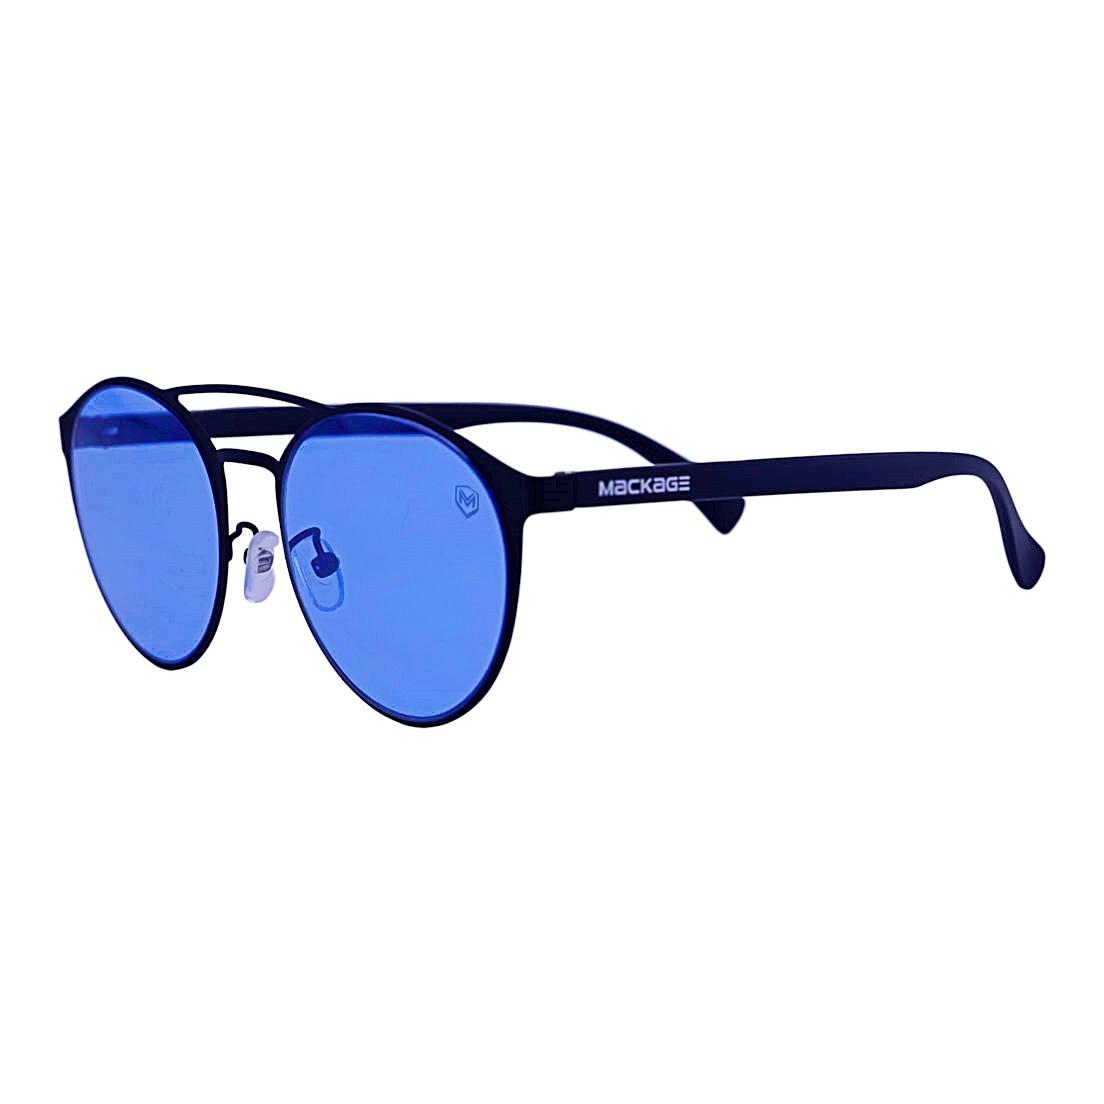 Óculos De Sol Mackage Unissex Metal-Acetato Redondo